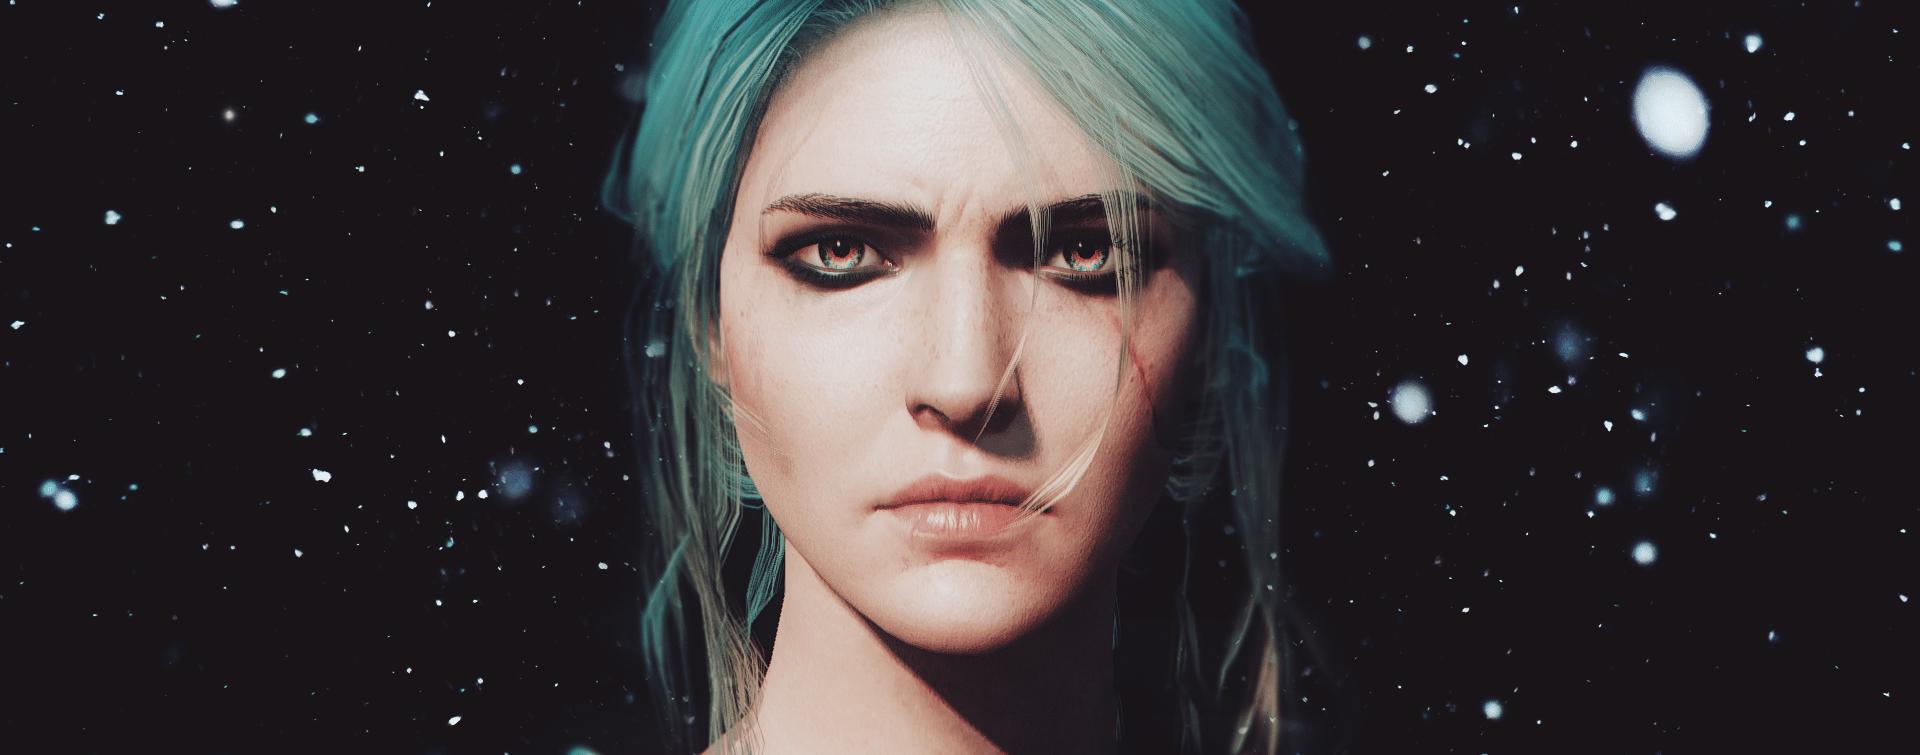 Ciri (forse) non sarà slava nel telefilm di The Witcher. Come Geralt. QUESTO è il problema.